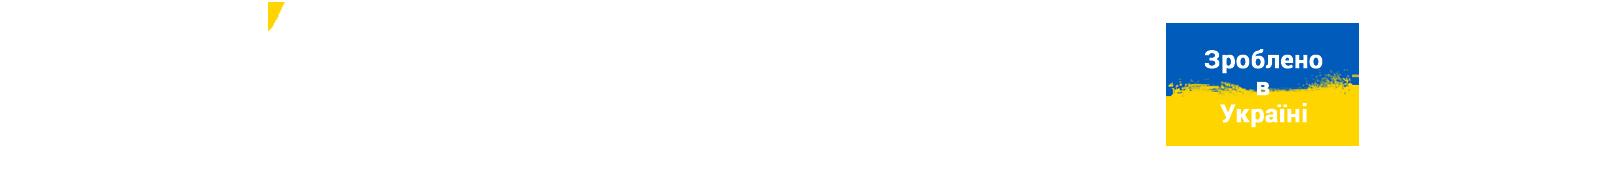 Скважинные глубинные насосы ЭЦВ. ТОВ «Системы качества»